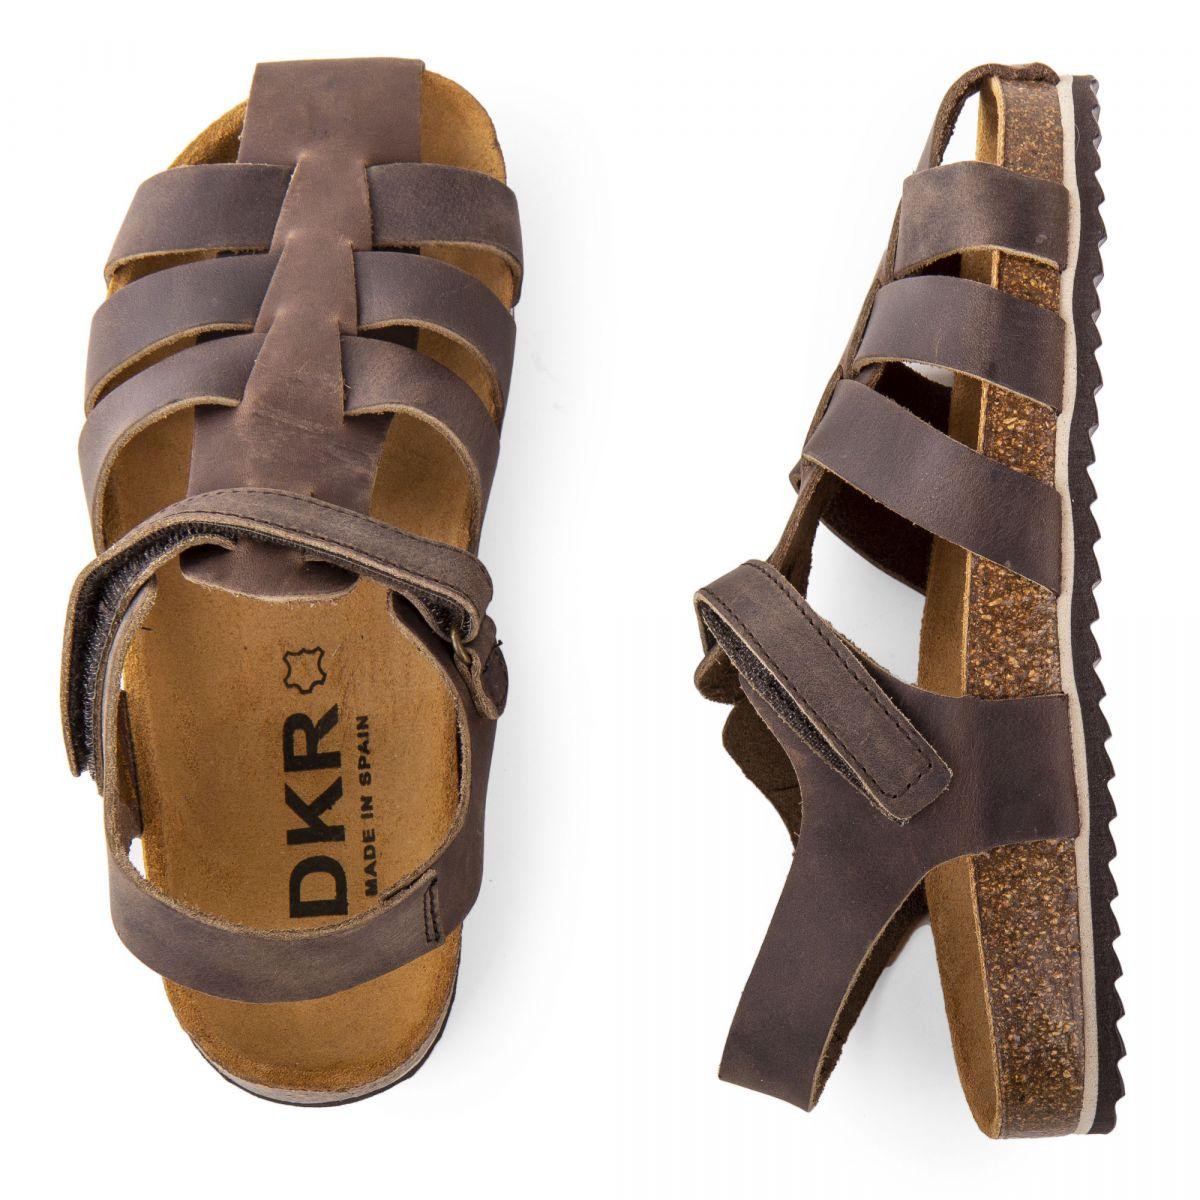 sandales en cuir brid es gar on dkr prix d griff. Black Bedroom Furniture Sets. Home Design Ideas